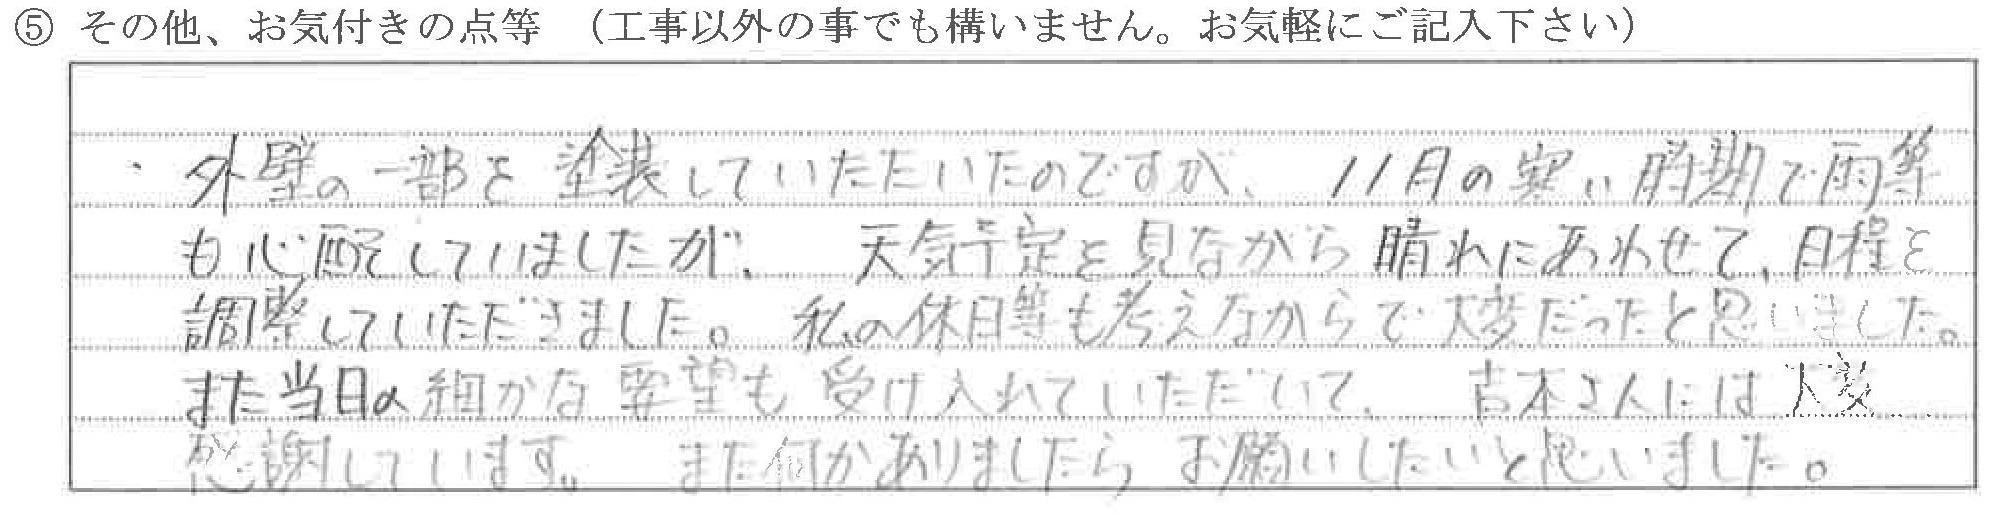 富山県中新川郡M様に頂いた外壁塗装工事についてのお気づきの点がありましたら、お聞かせ下さい。というご質問について「外壁塗装【お喜びの声】」というお声についての画像